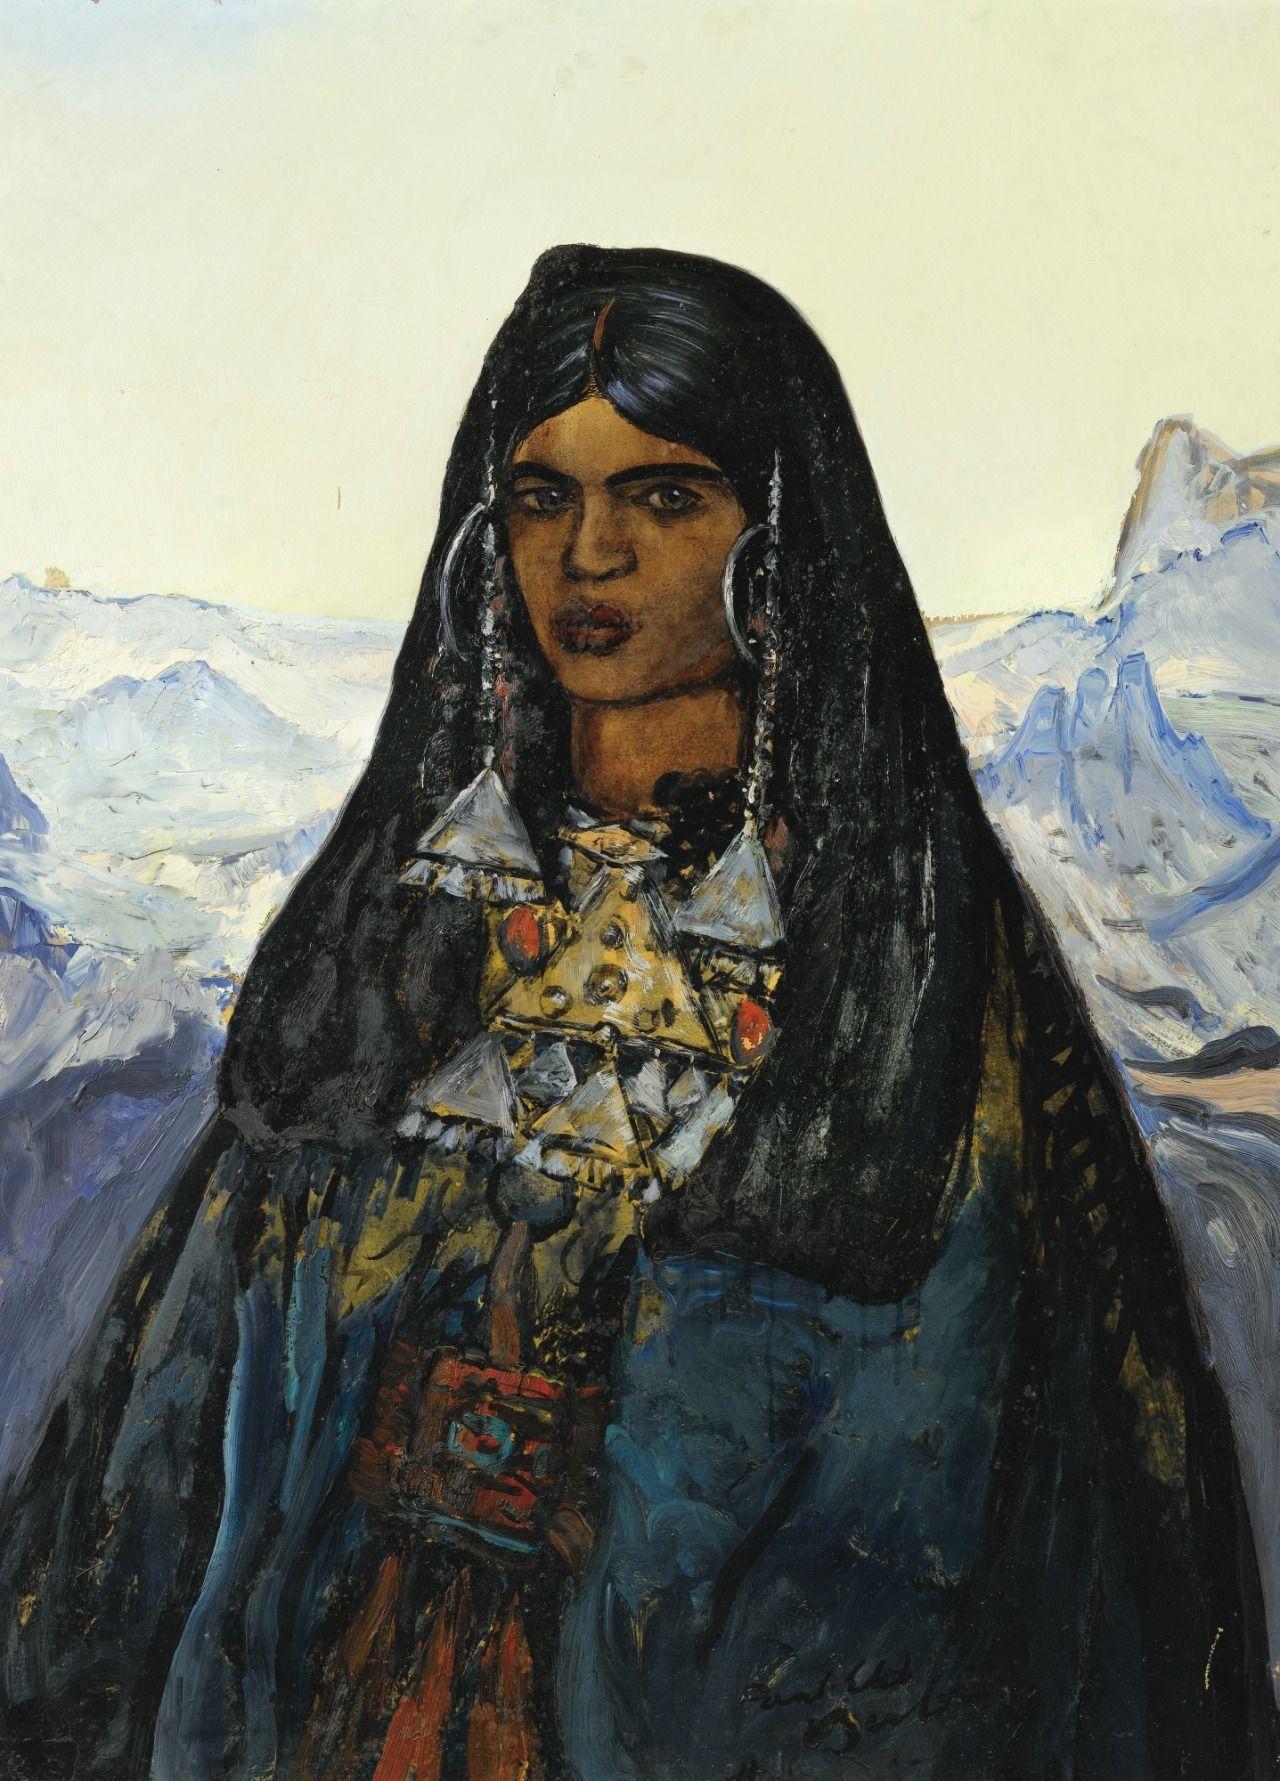 Tingelouz femme noble du Hoggar - Paul-Elie Dubois 1944